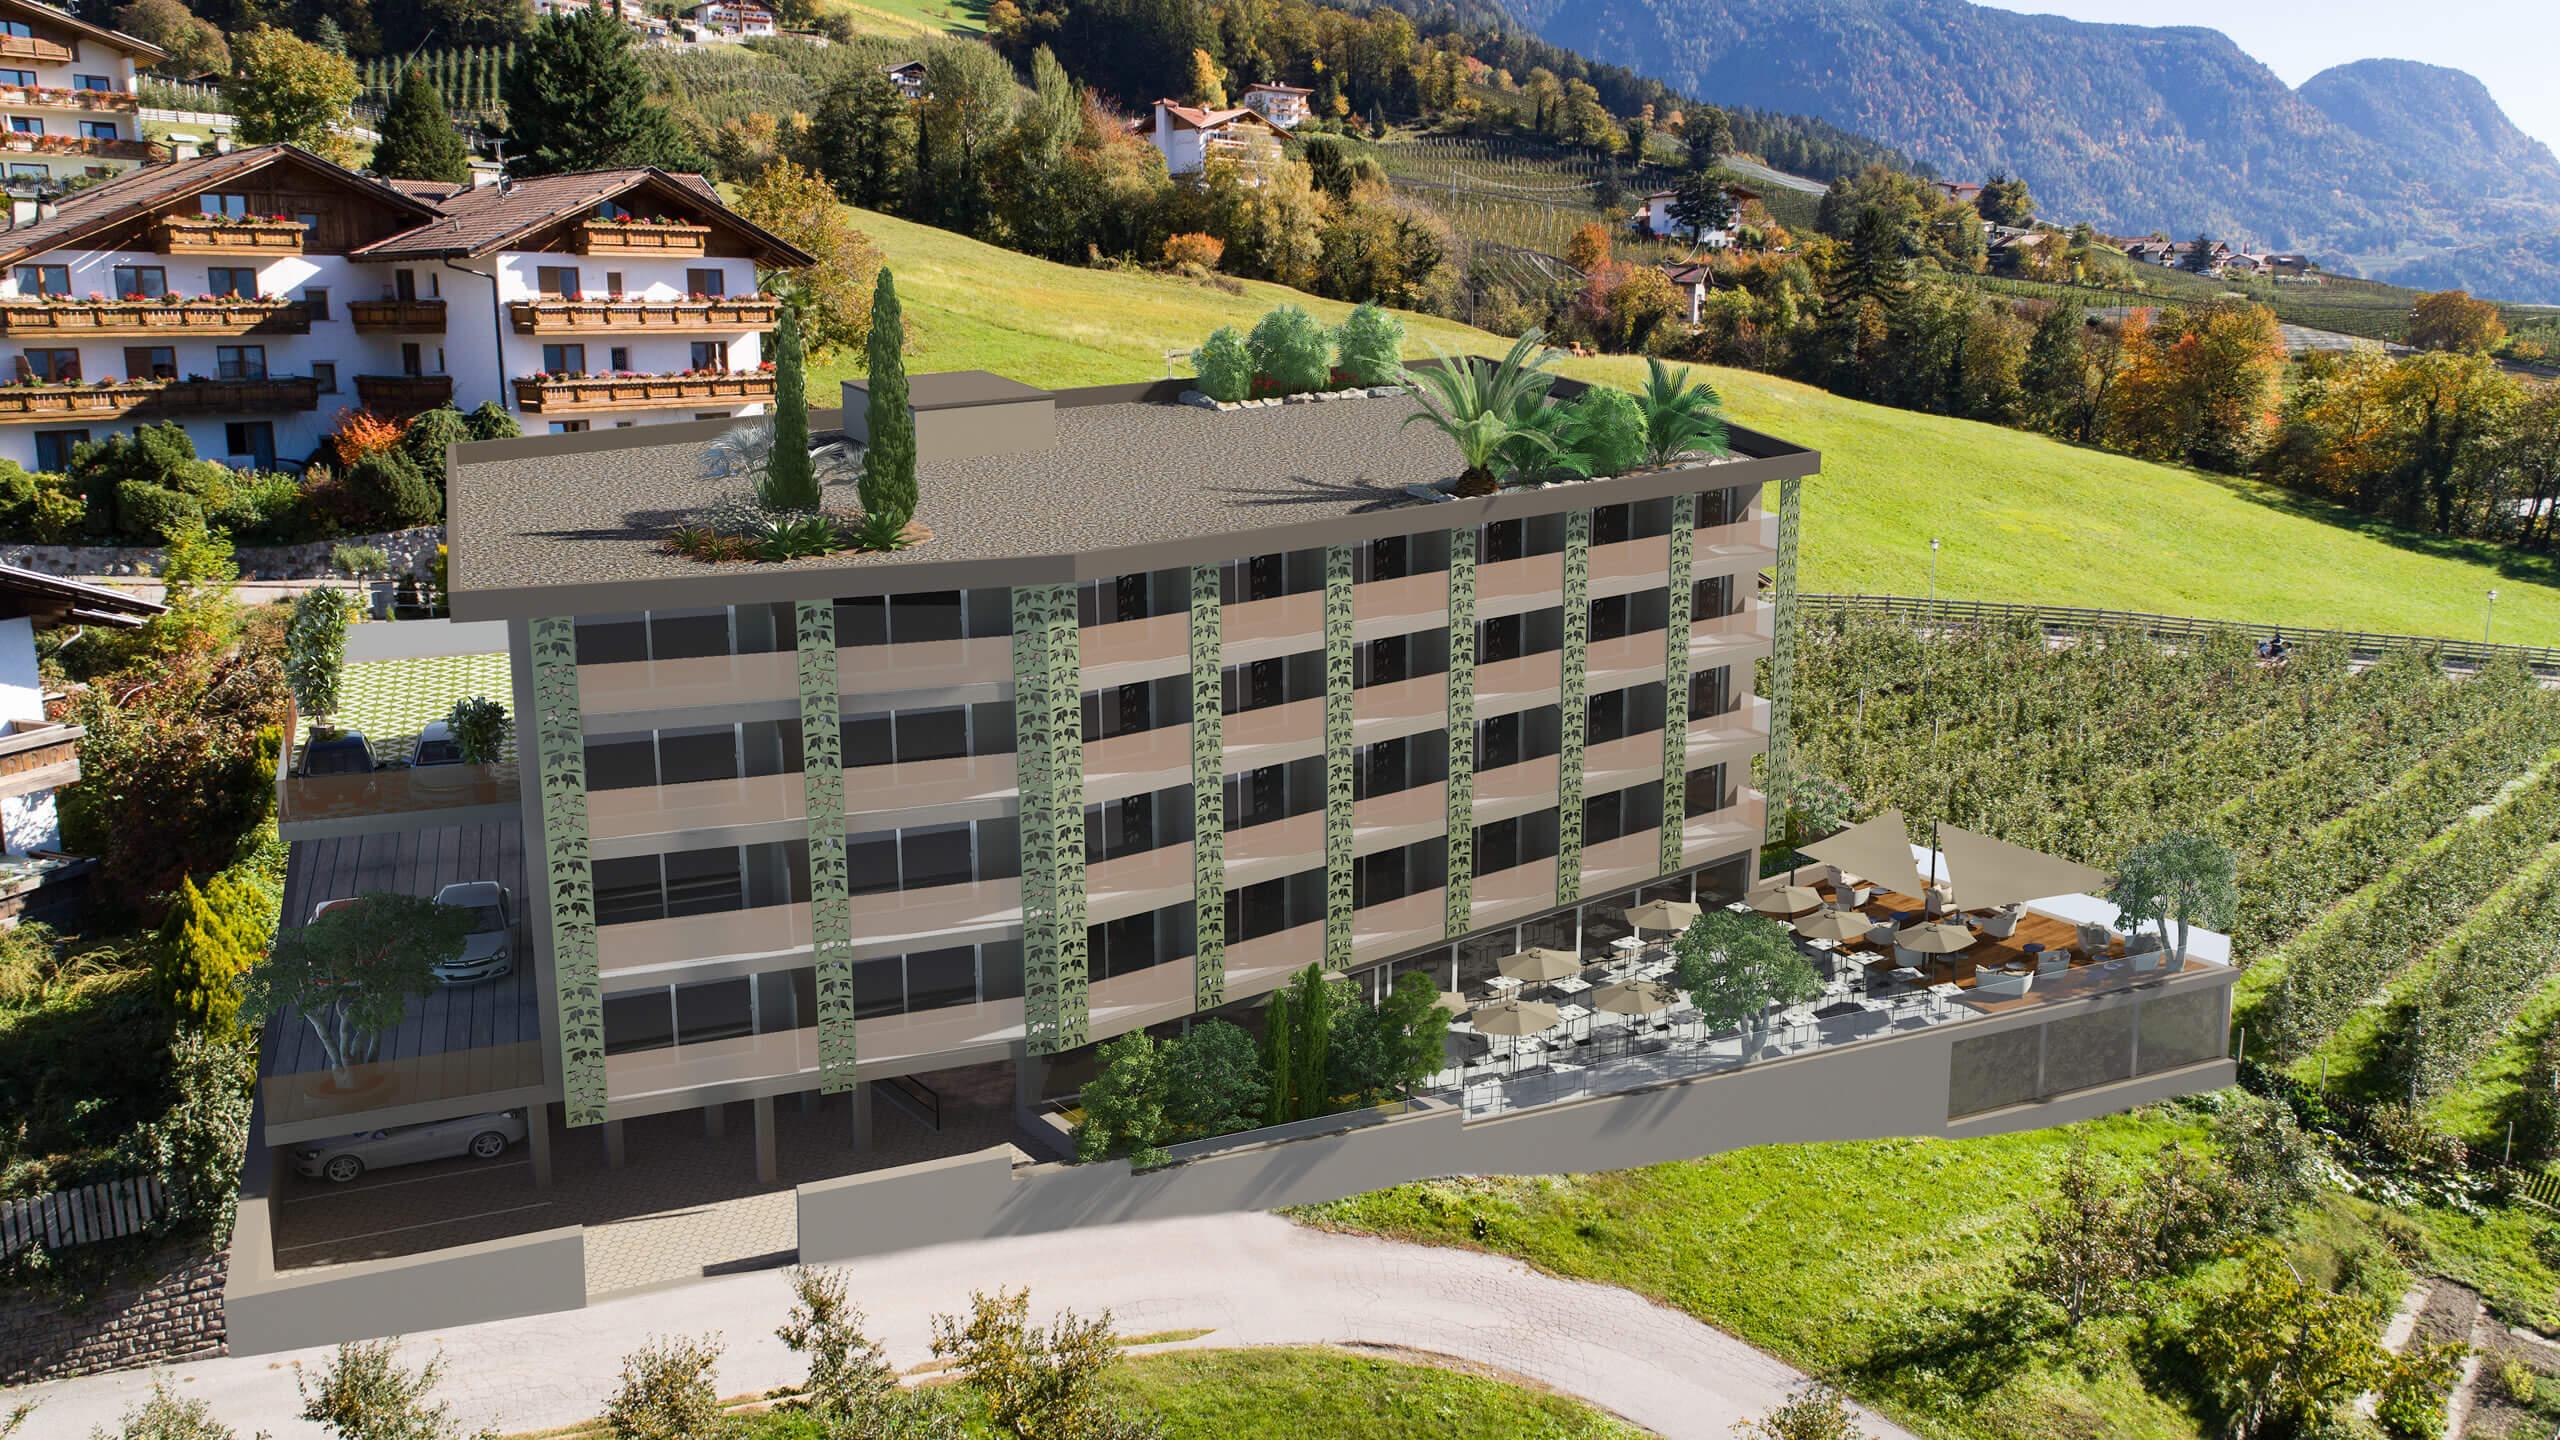 Unser Hotel In Schenna Oliven Genusshotel Hirzer